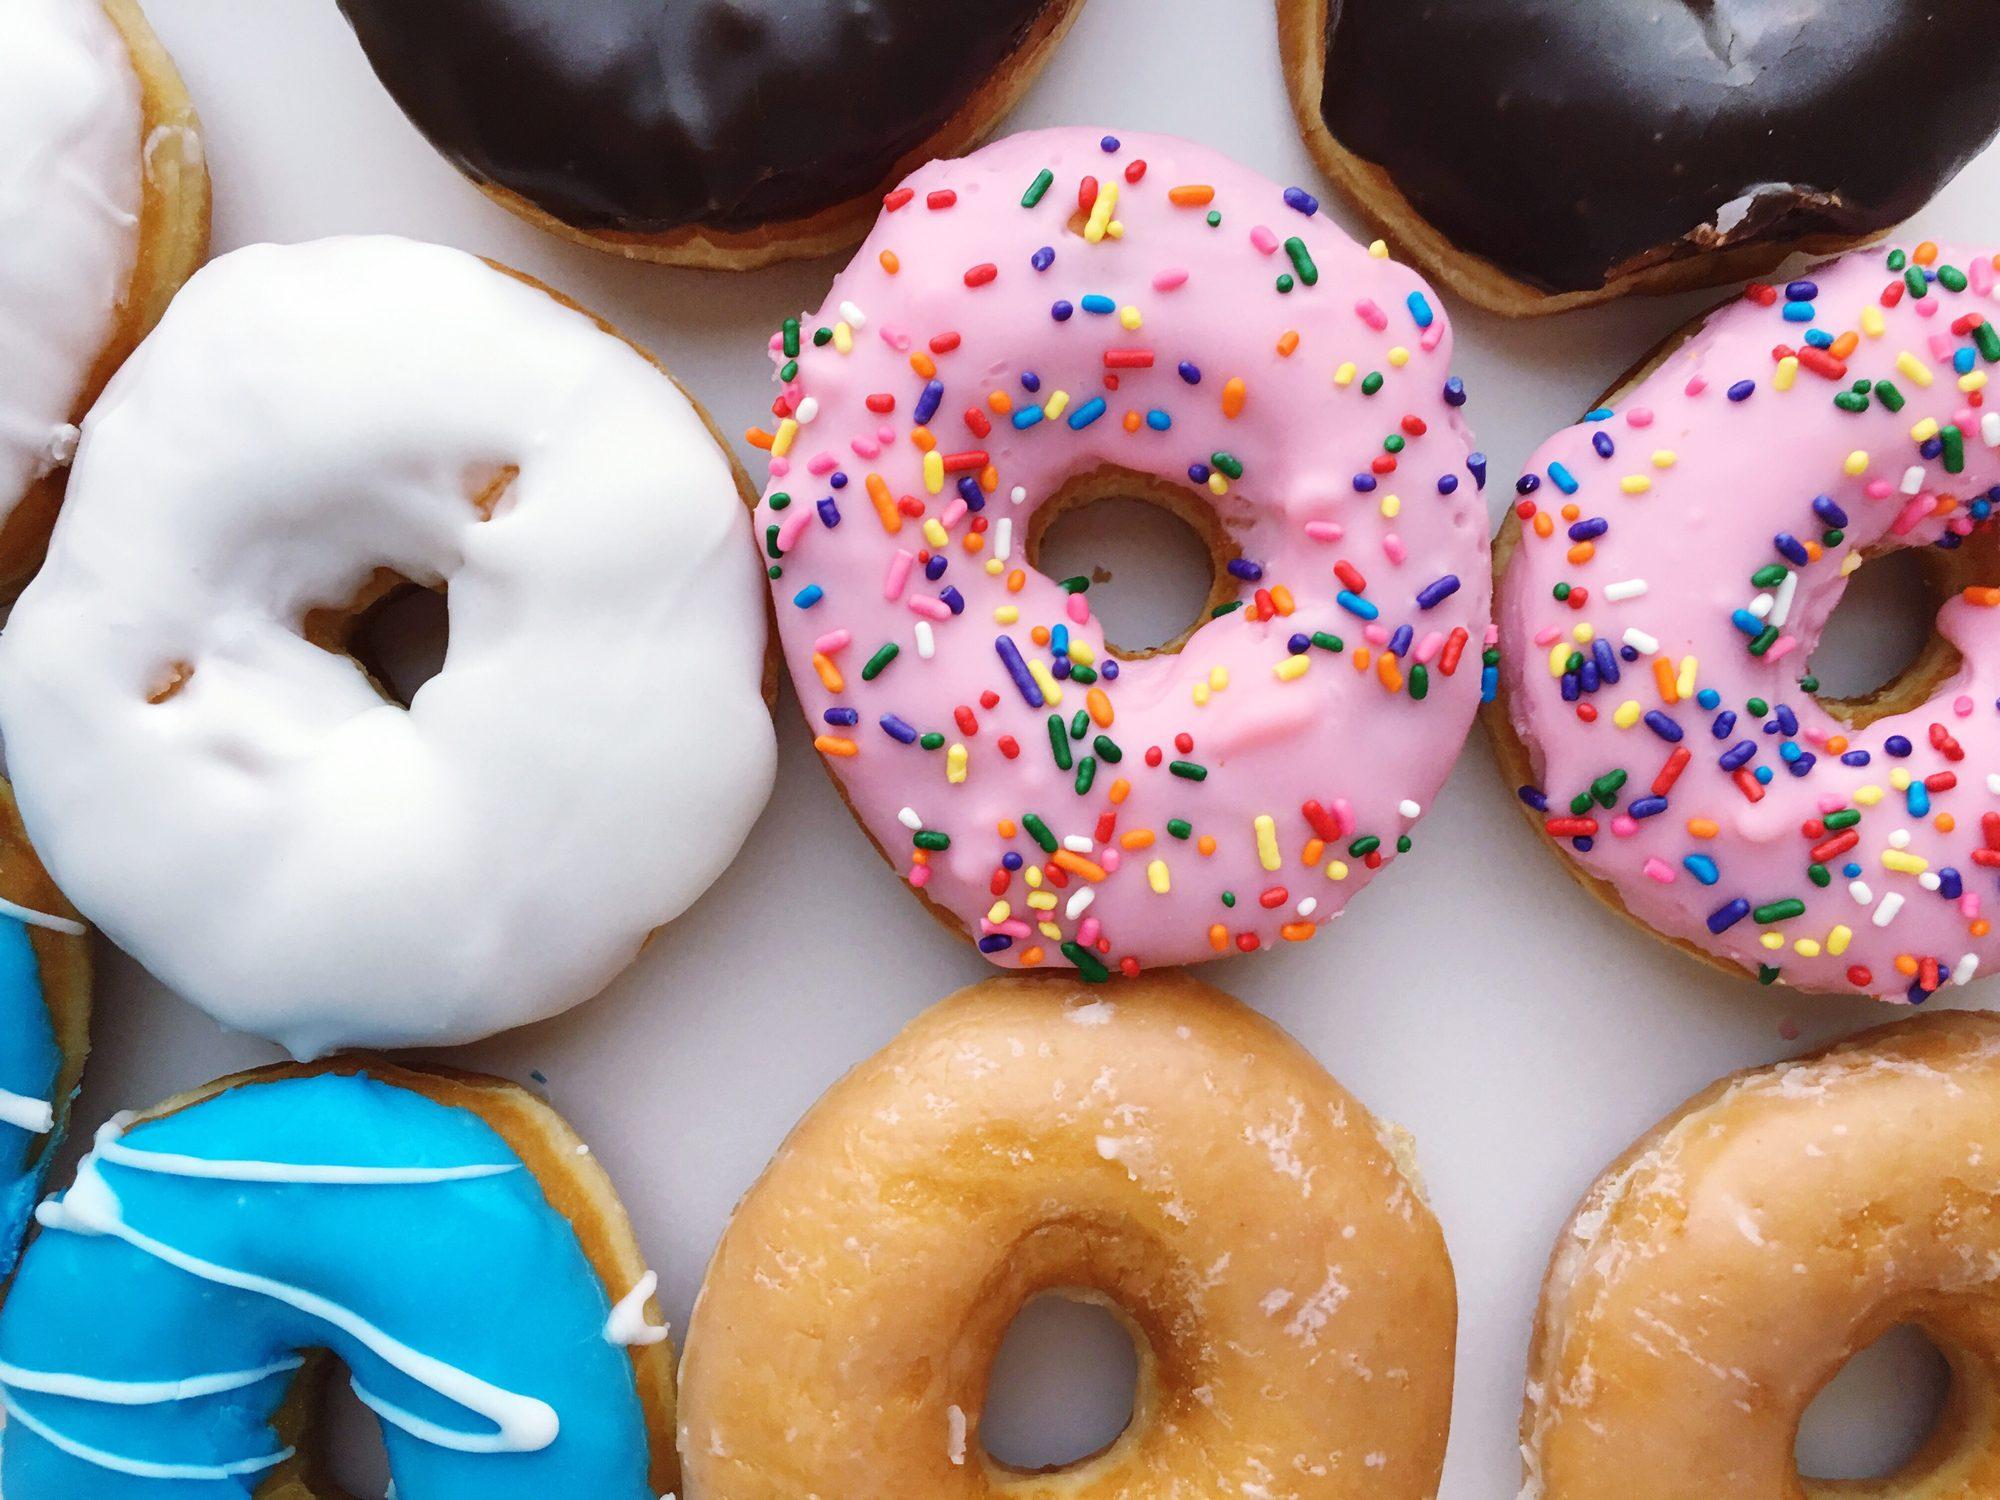 doughnuts full frame